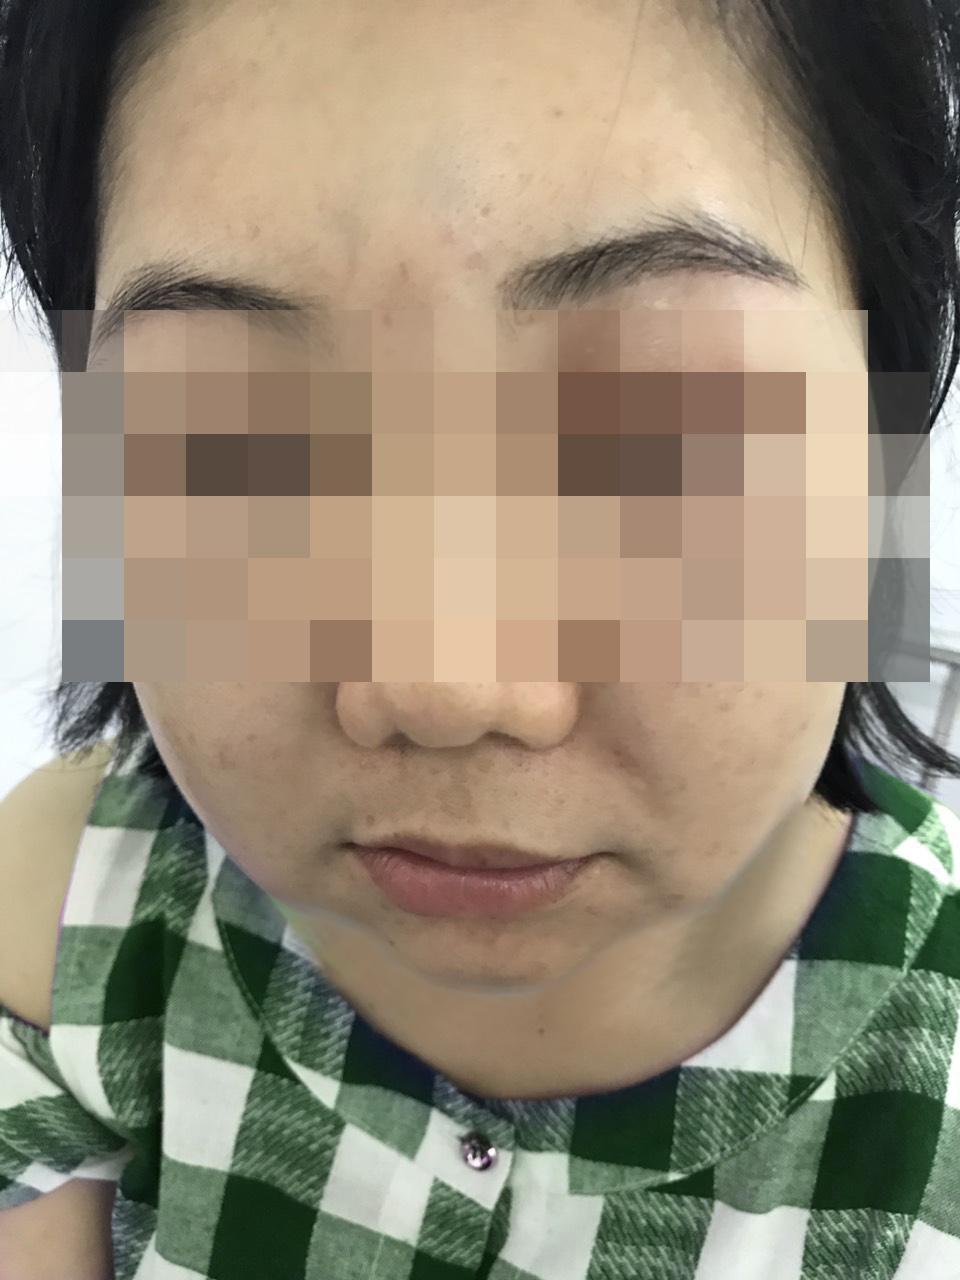 Chị H. bị sưng phù, đau nhức mặt sau khi làm đẹp, ảnh BVCC